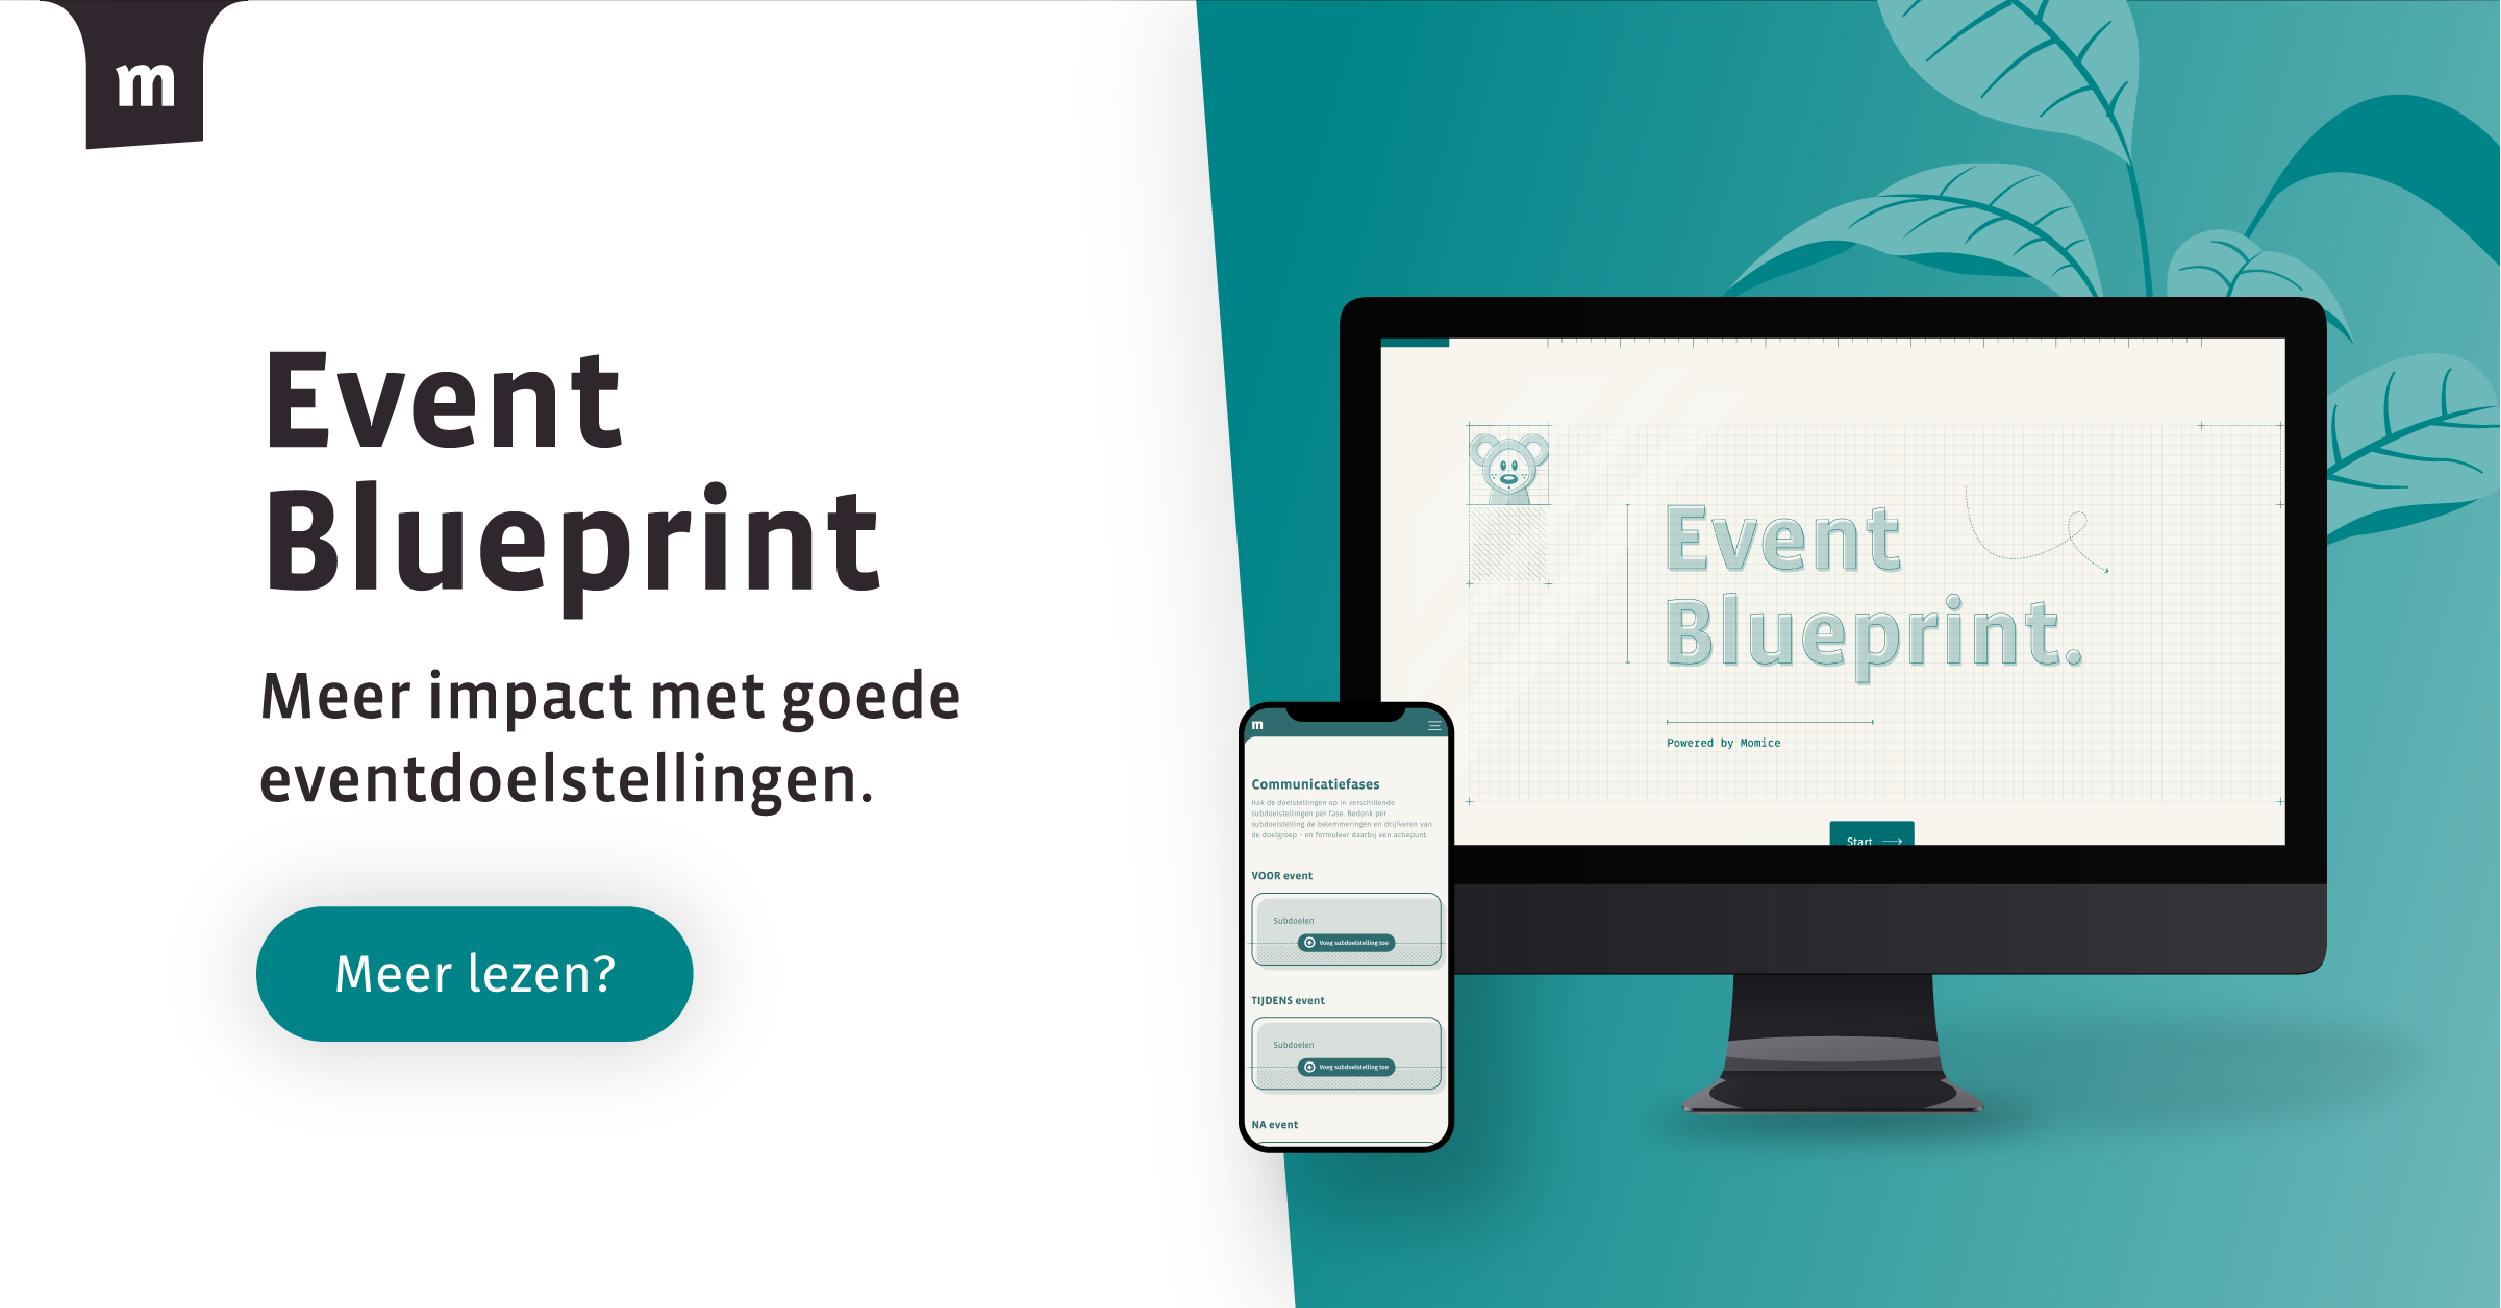 43_Event_Blueprint_LinkeDin@2x_NXTMICE_Social kopie copy 3